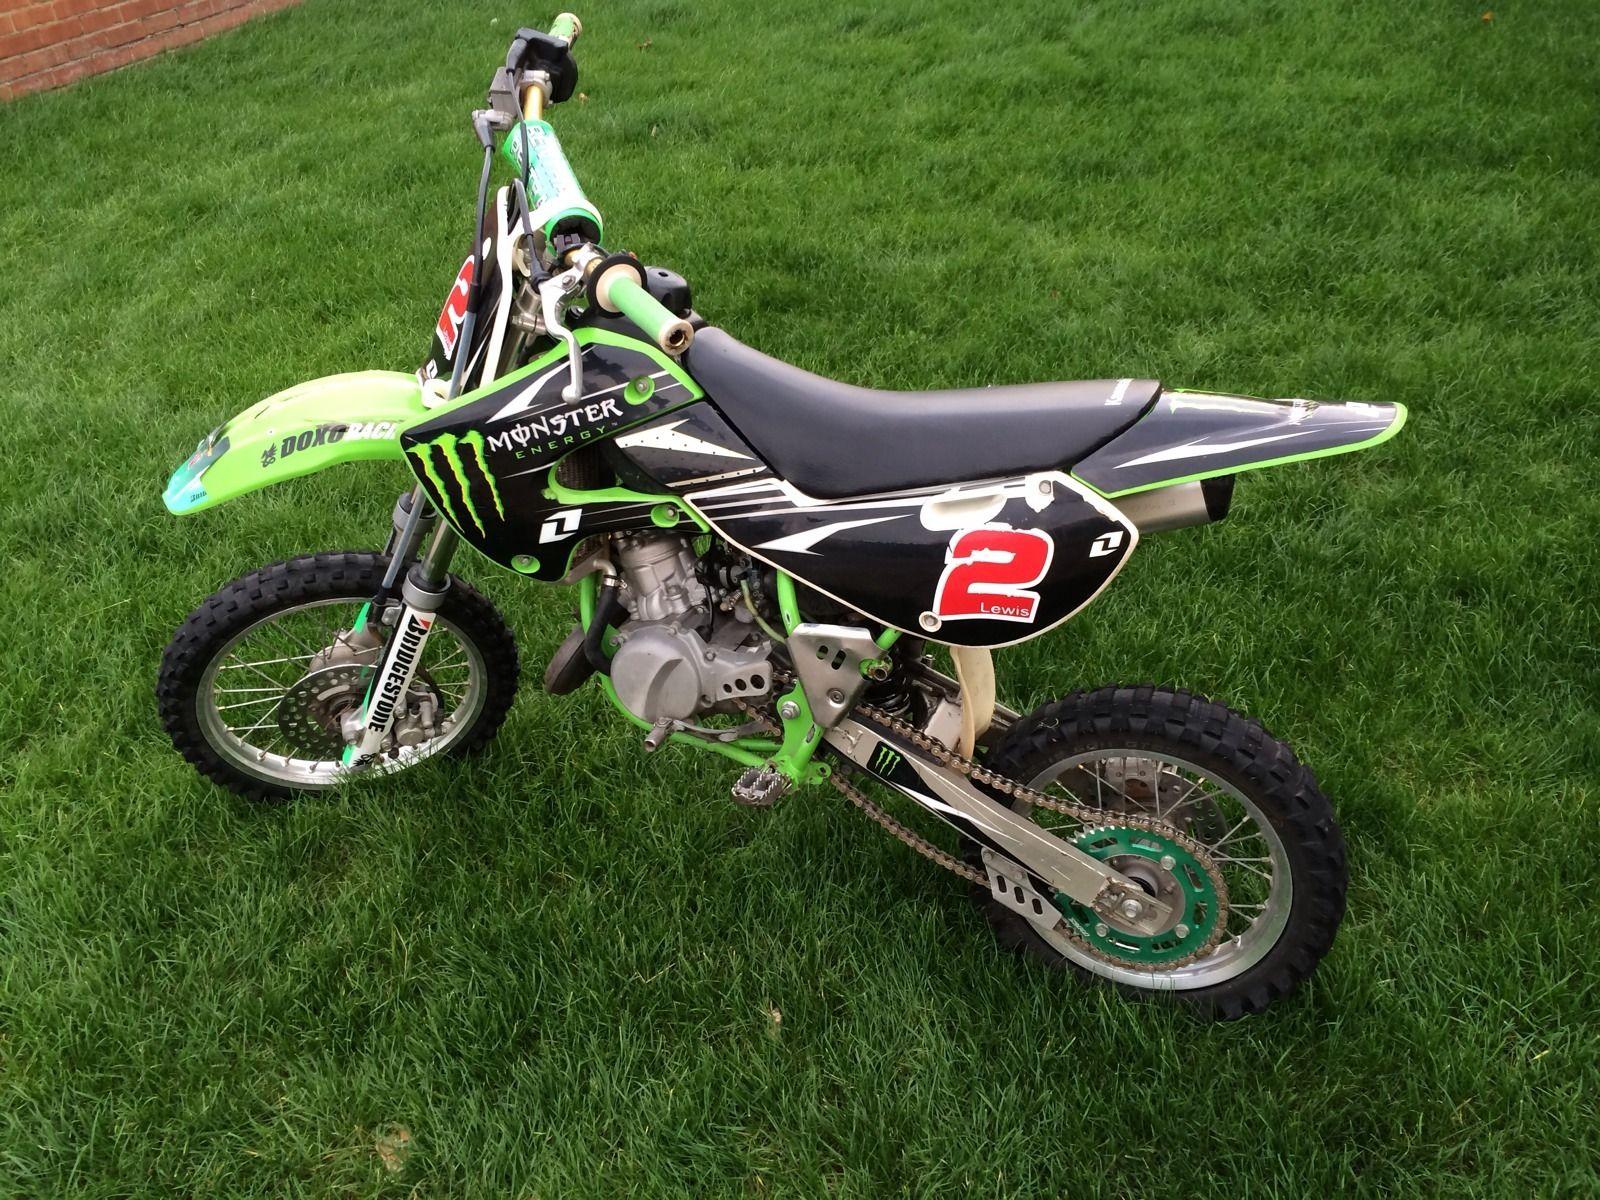 Kawasaki Kx Cc Dirt Bike For Sale